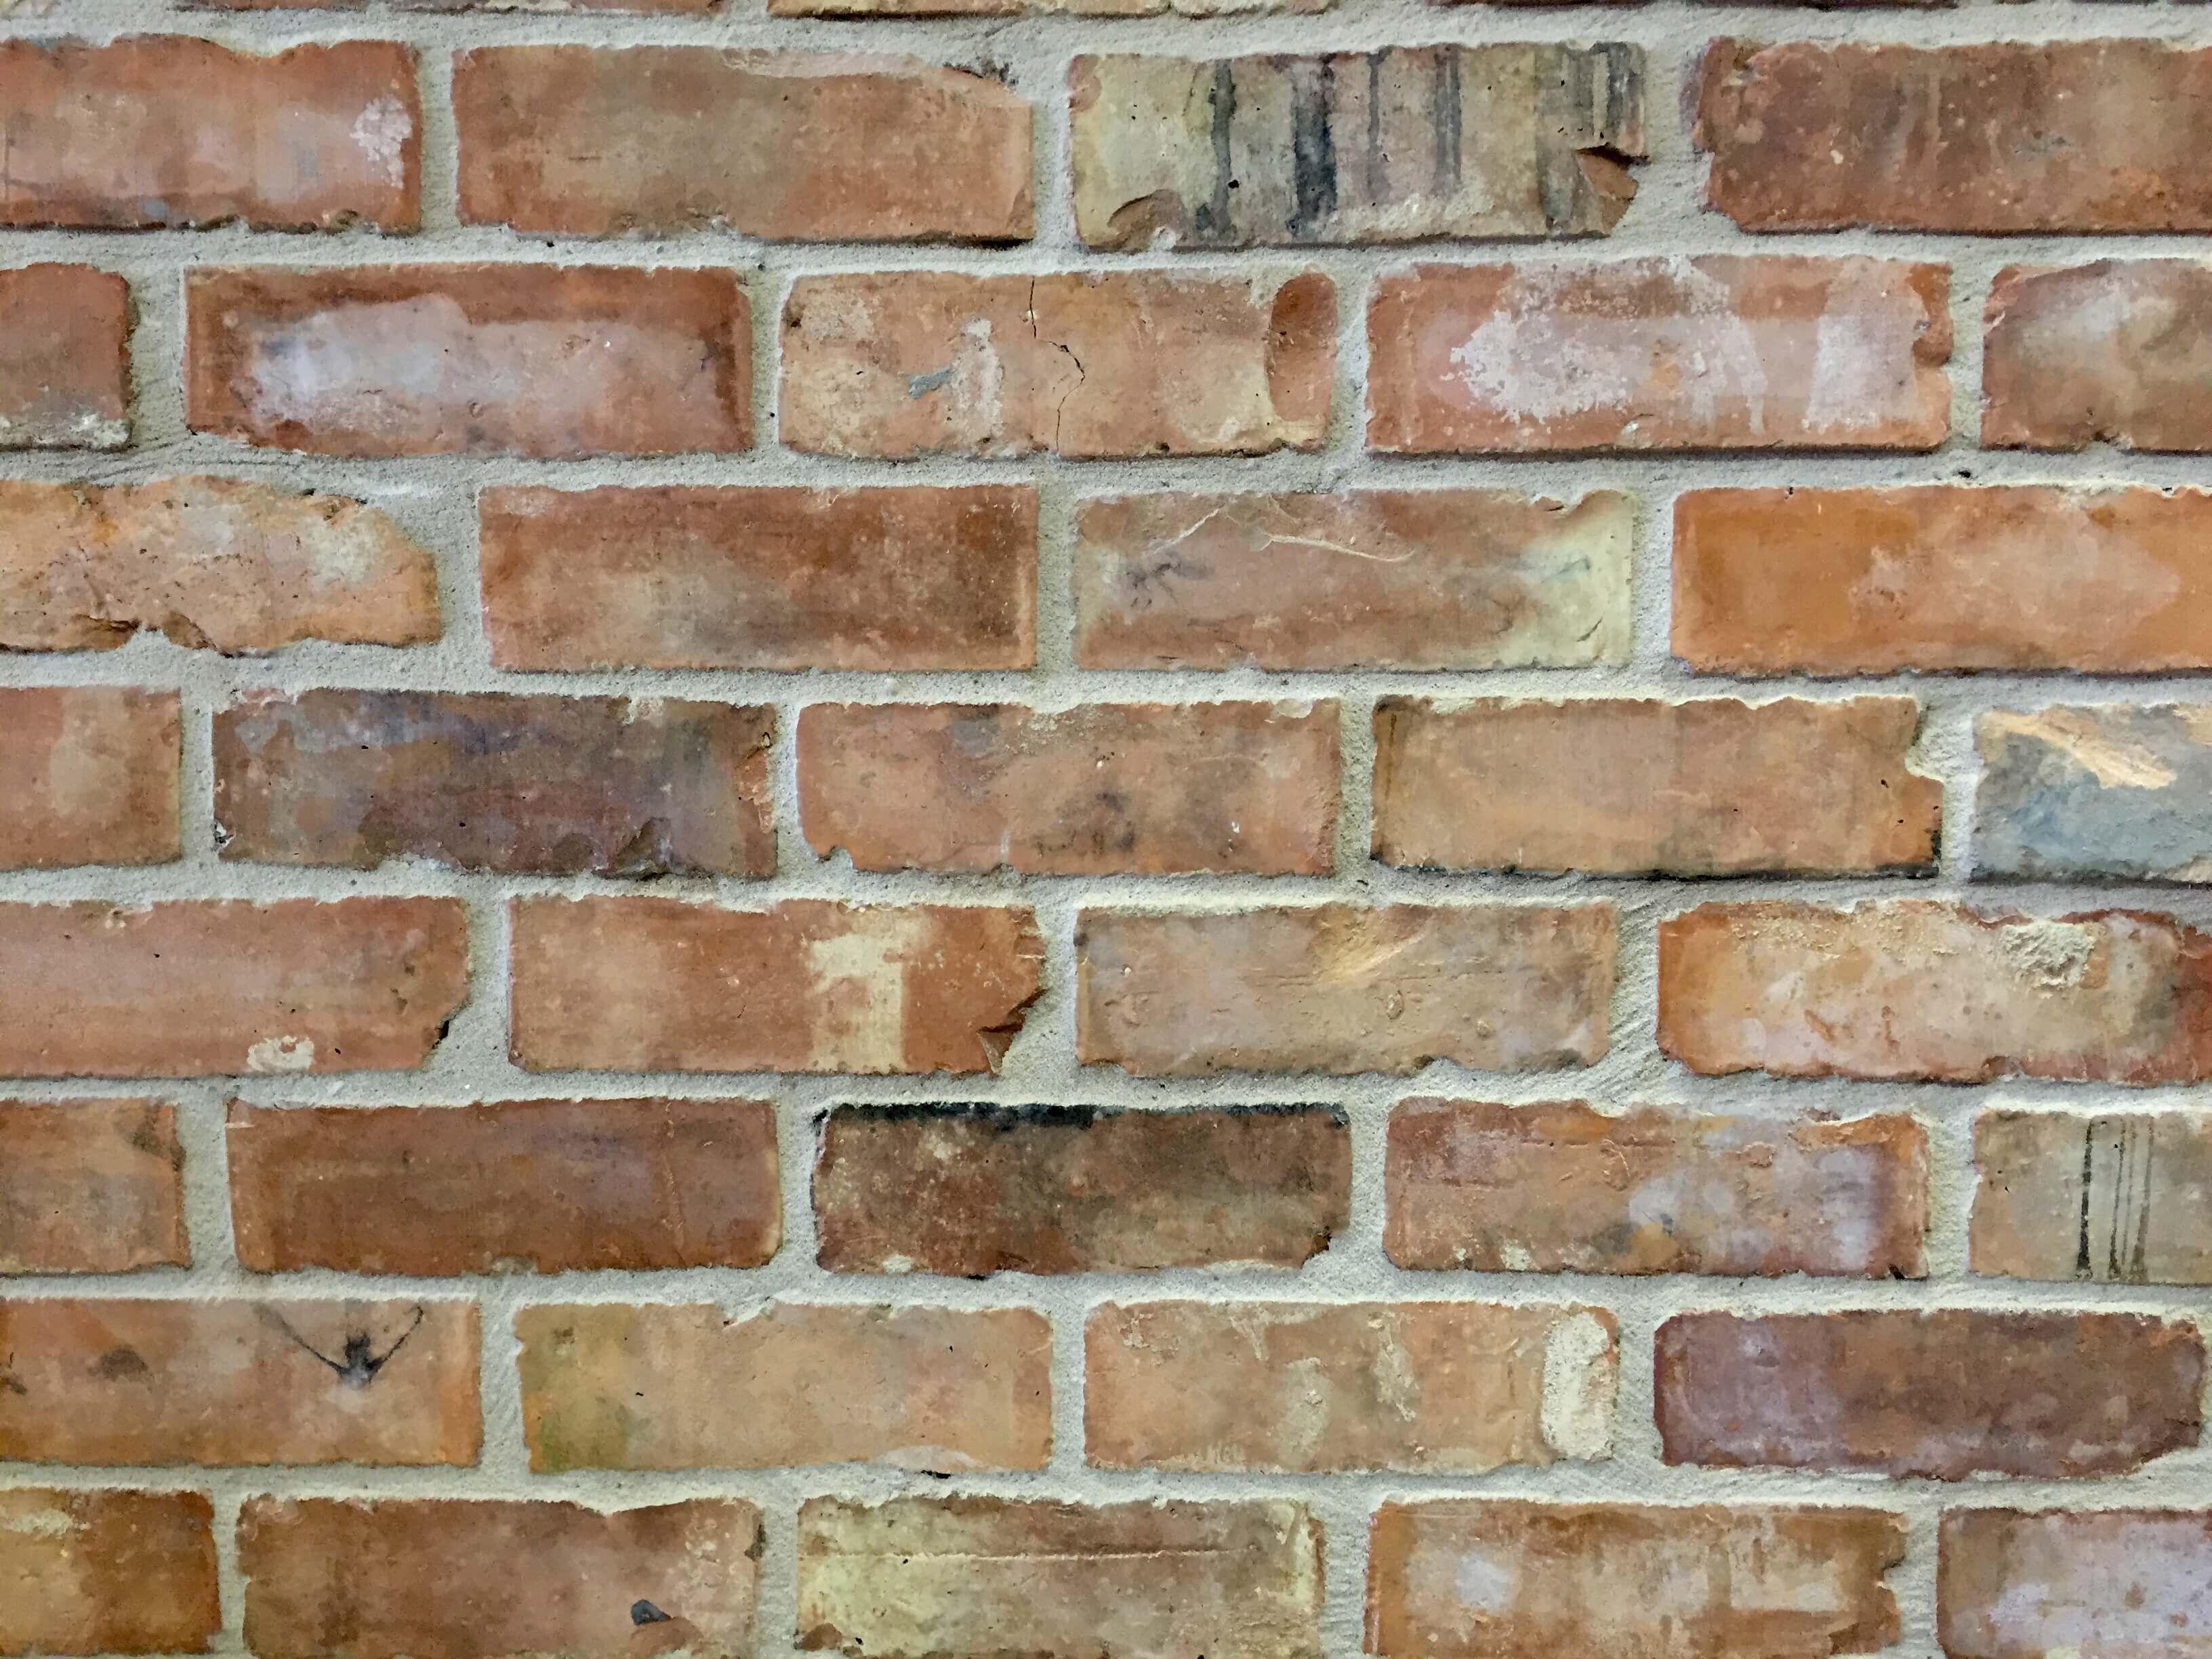 brick slips tiles